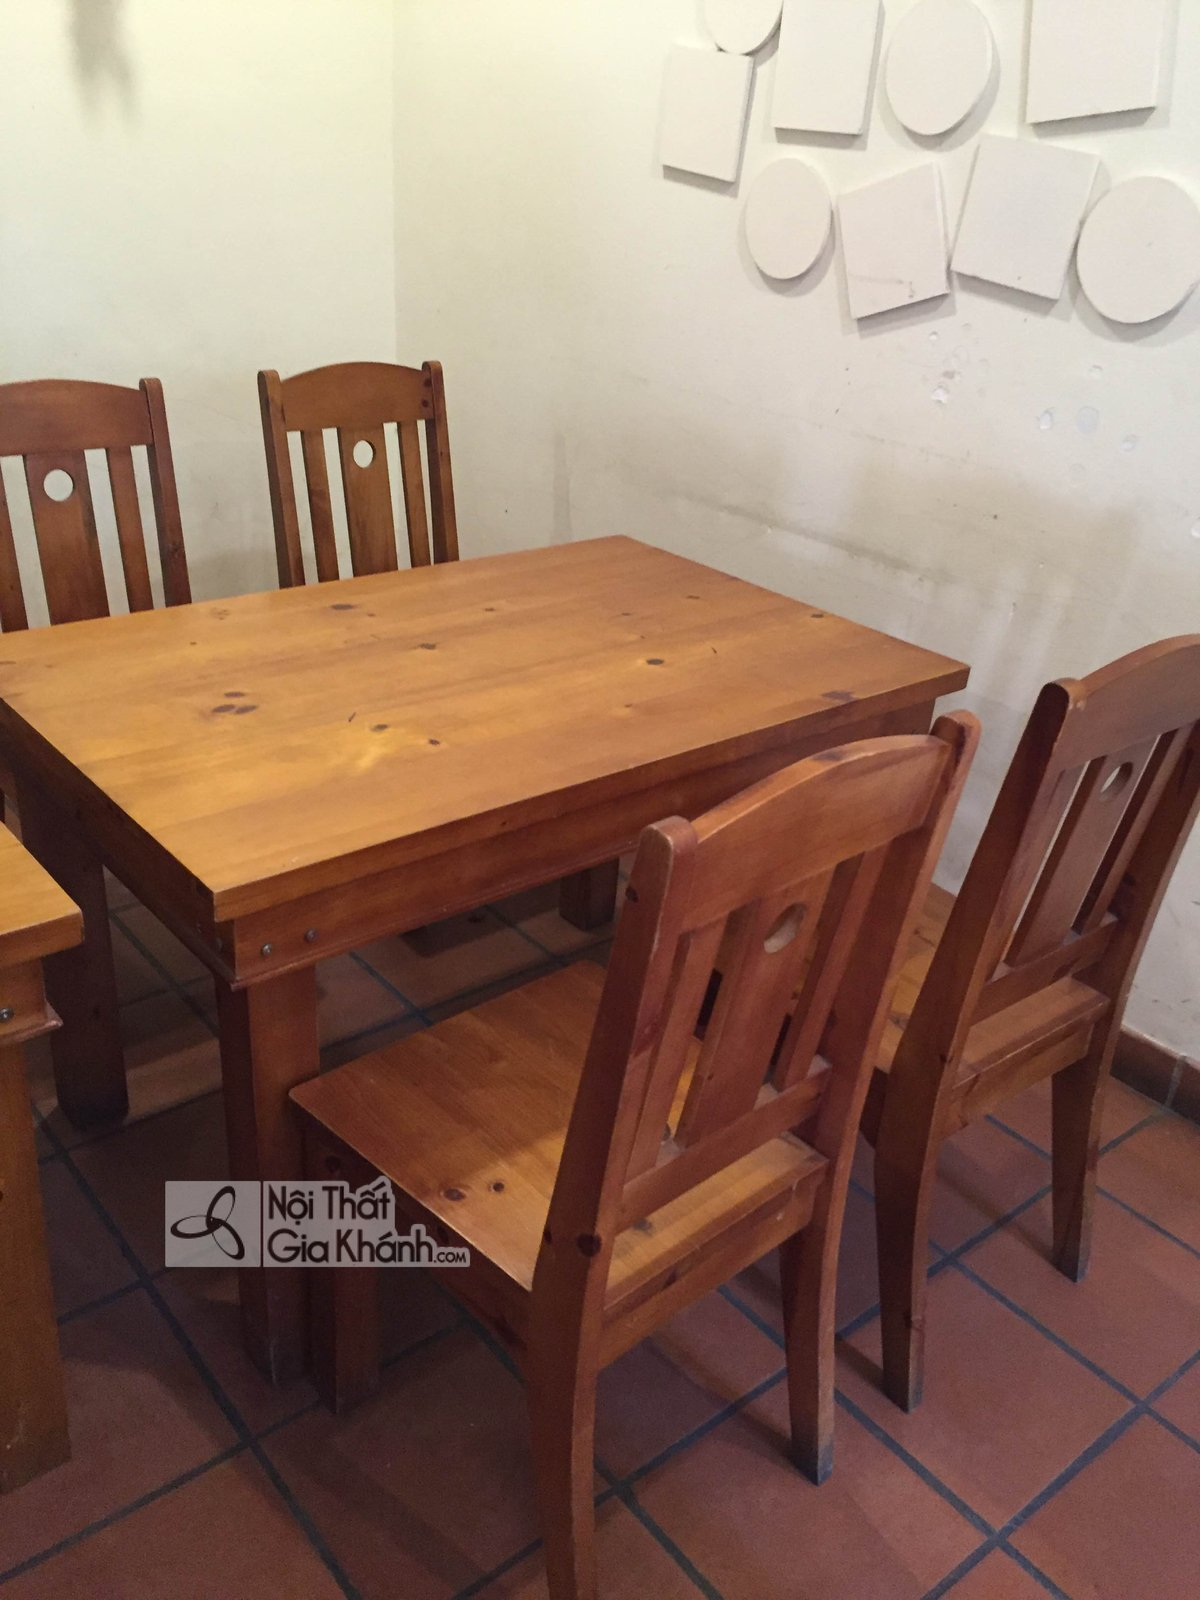 Có nên mua bộ bàn ghế ăn cũ? - co nen mua bo ban ghe an cu 2